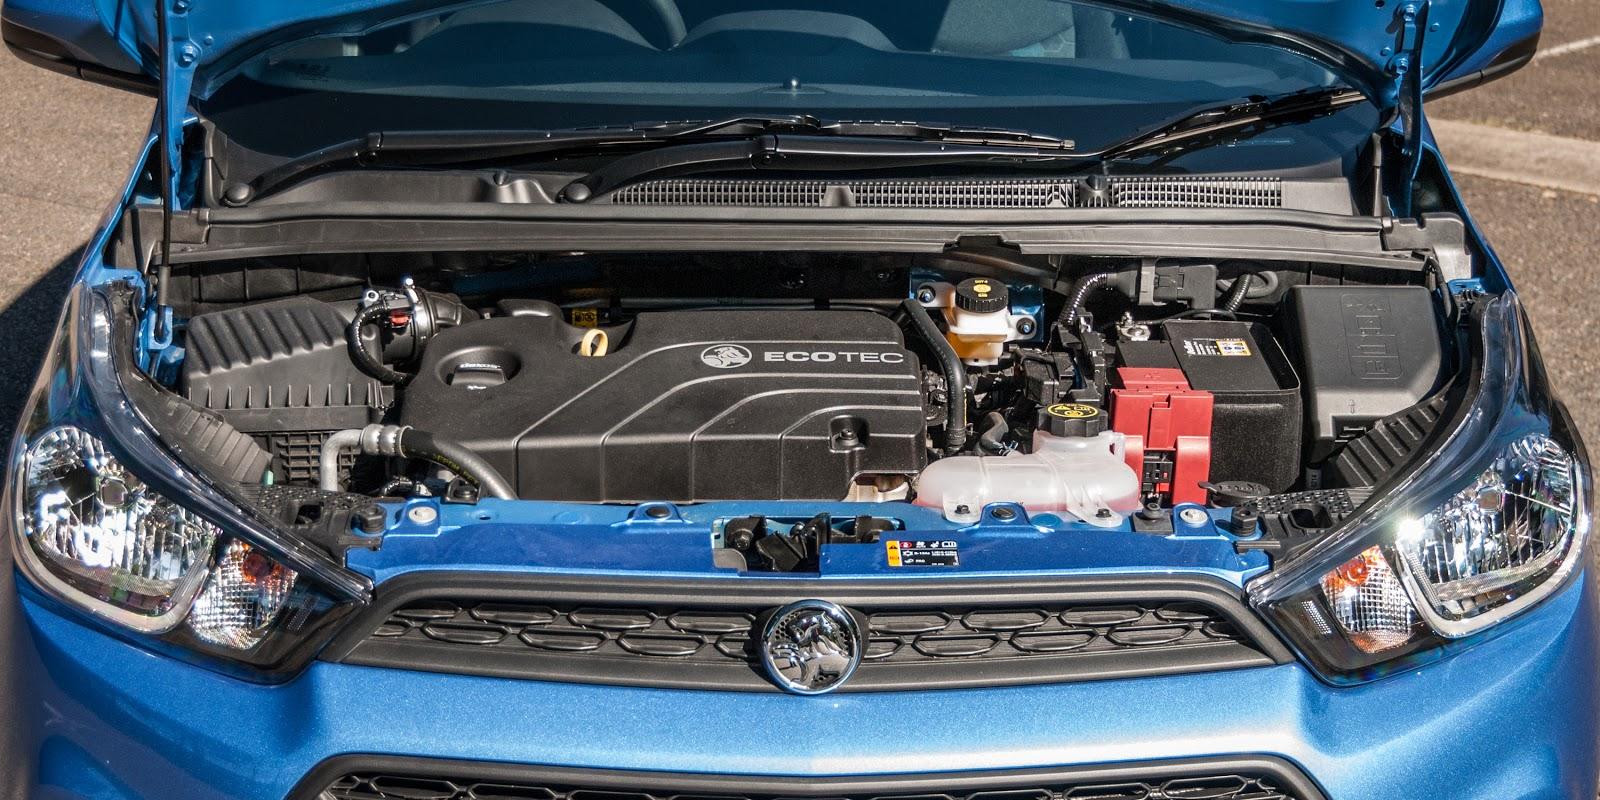 Động cơ của Holden Spark 2016 khá mạnh so với các đối thủ, công suất gần 100 mã lực